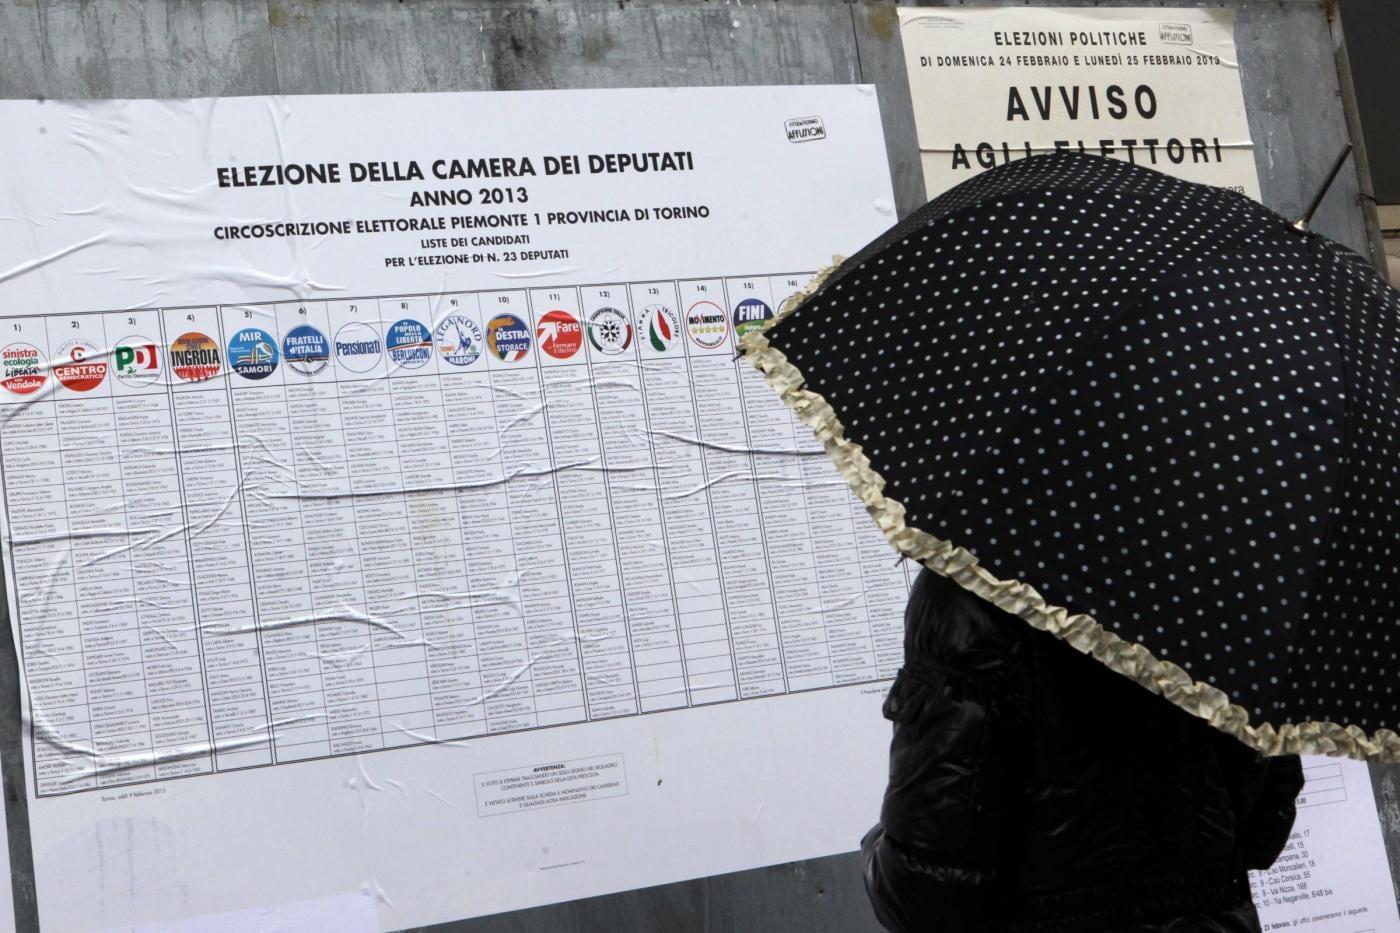 Elezioni Politiche 2013, Il voto a Torino